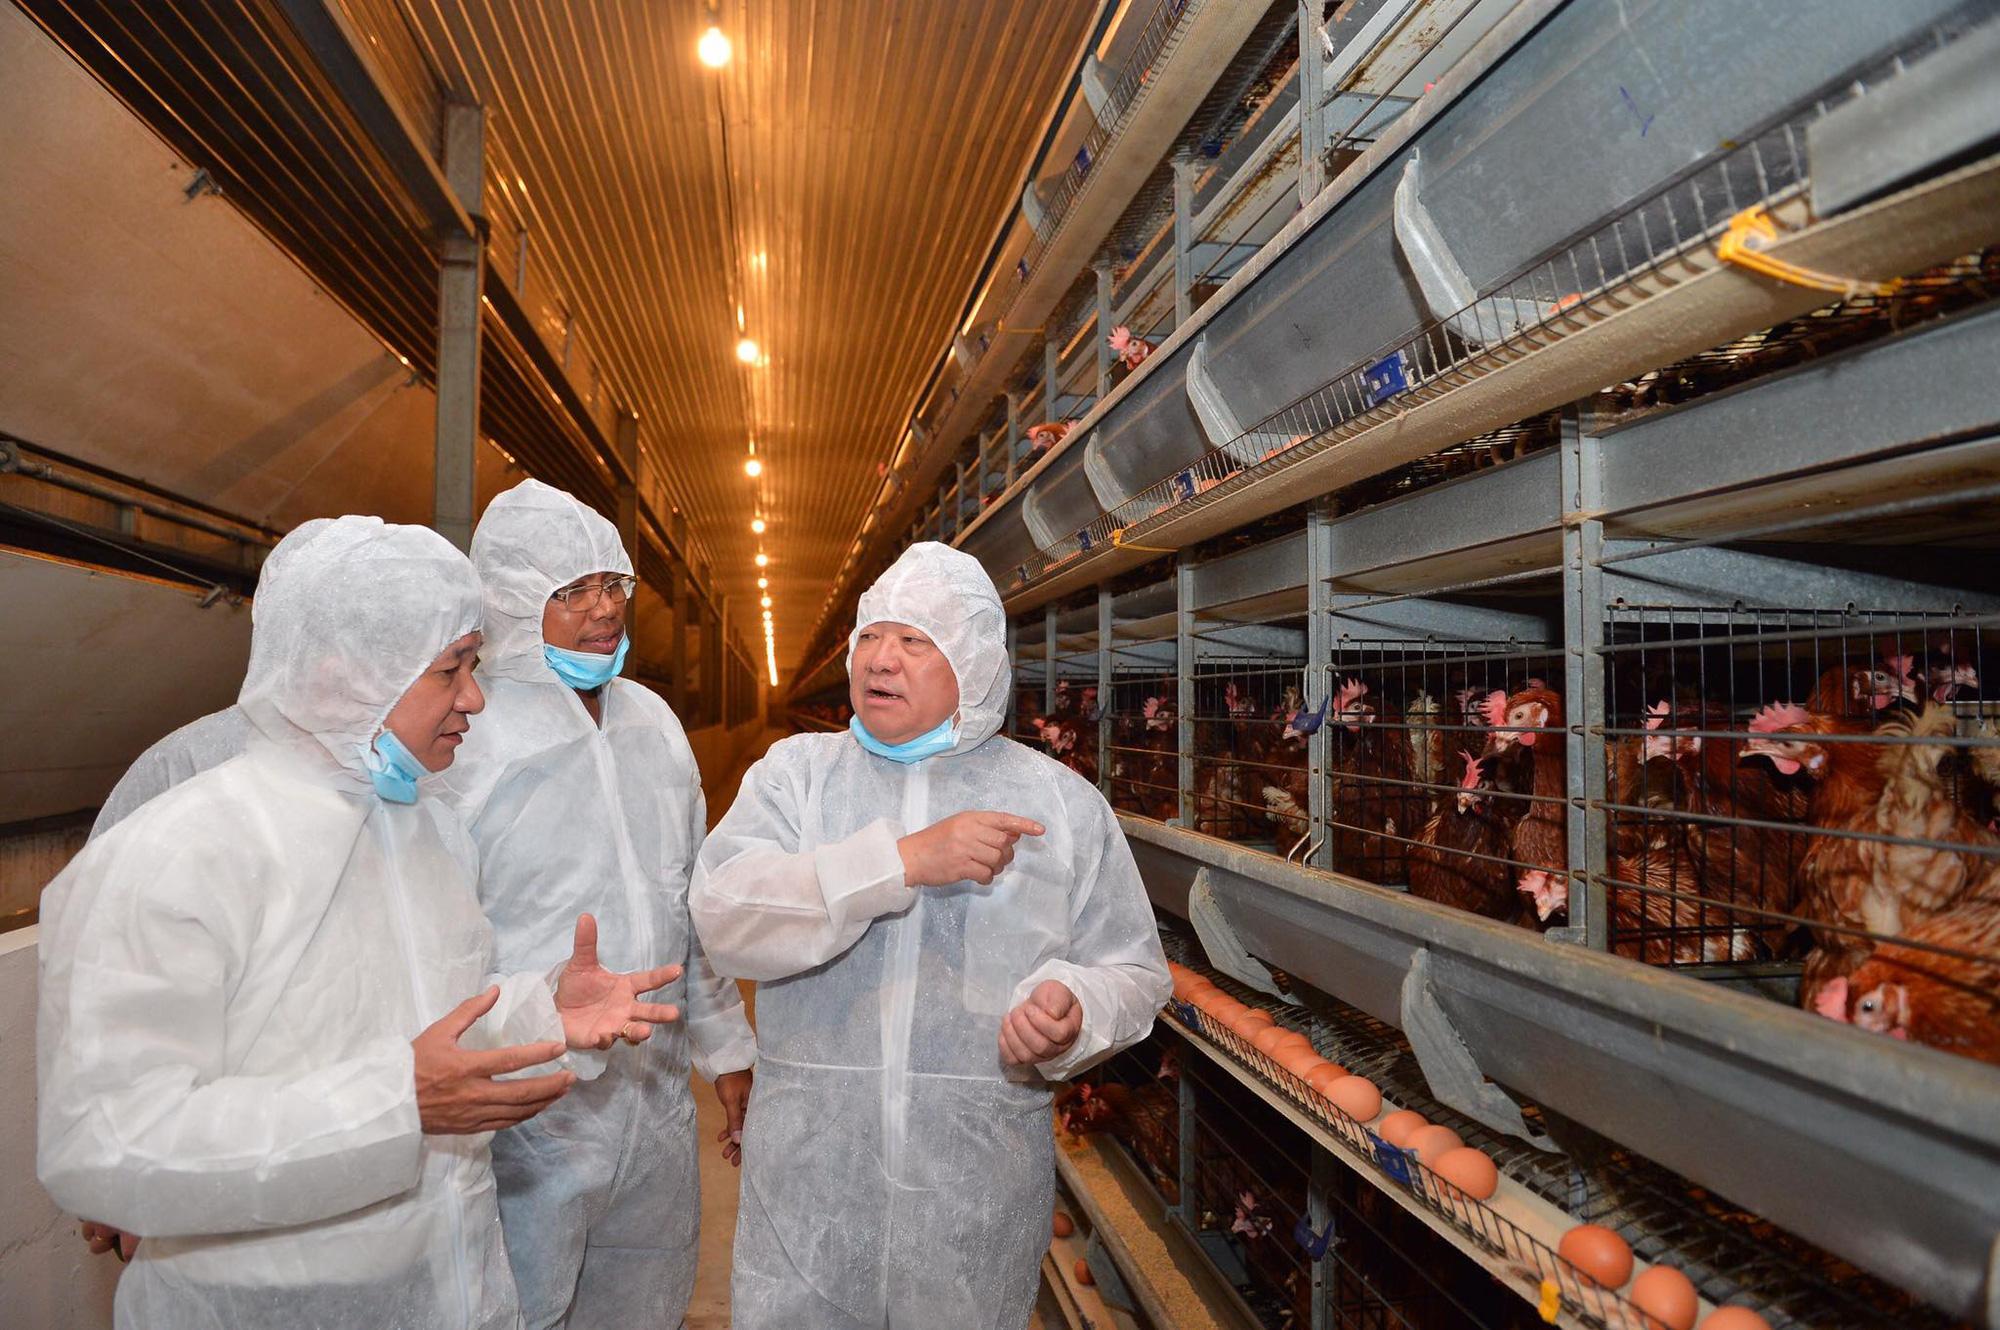 Nữ hoàng hột vịt Ba Huân được mời dạy nông dân cách nuôi gà hiệu quả - Ảnh 1.